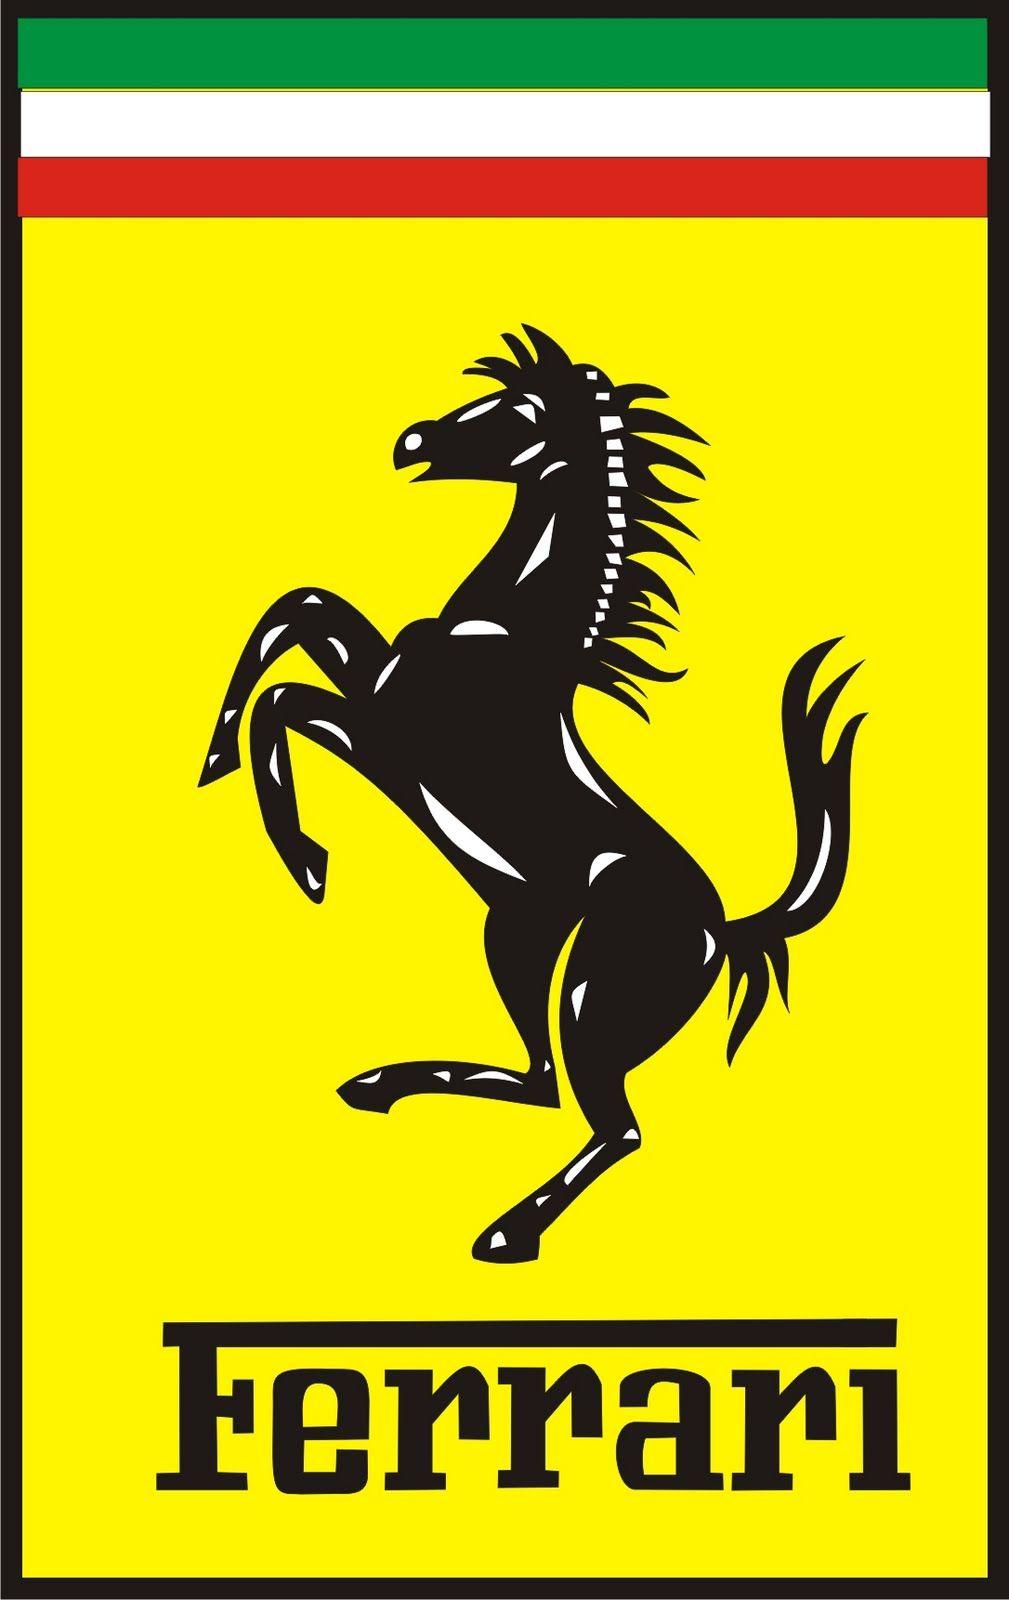 Ferrari Ferrari Ferrari... soon? Milano Giorno e Notte - We Love U! http://www.milanogiornoenotte.com